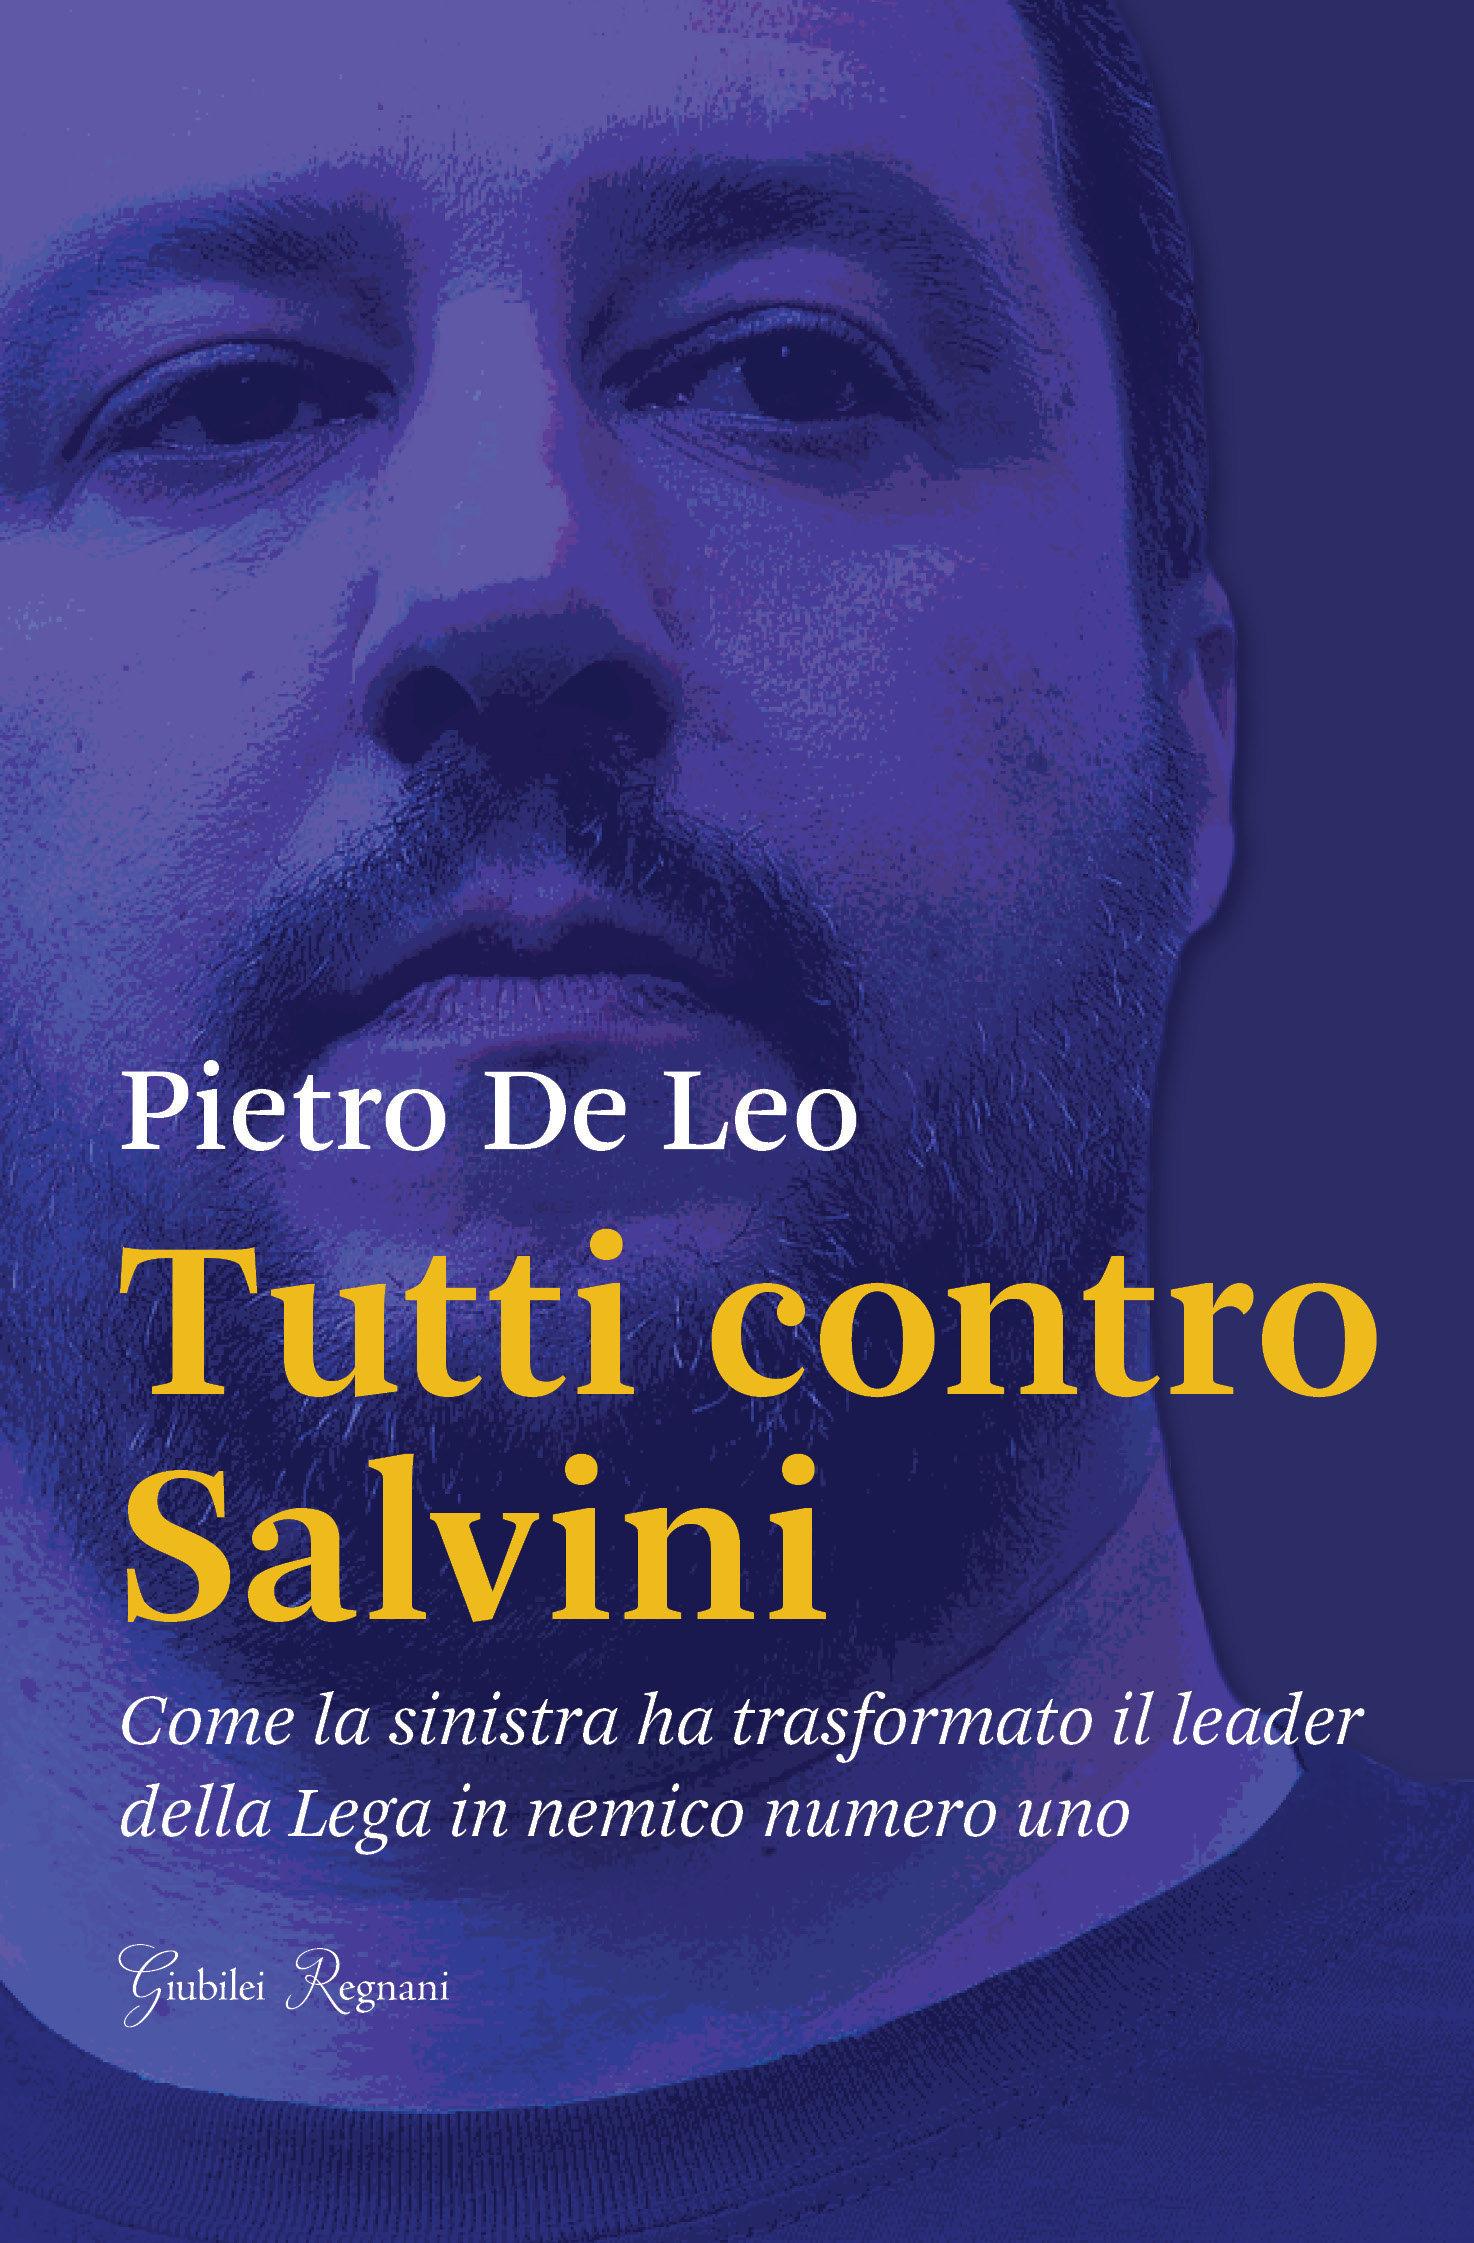 Pietro De Leo, Tutti contro Salvini